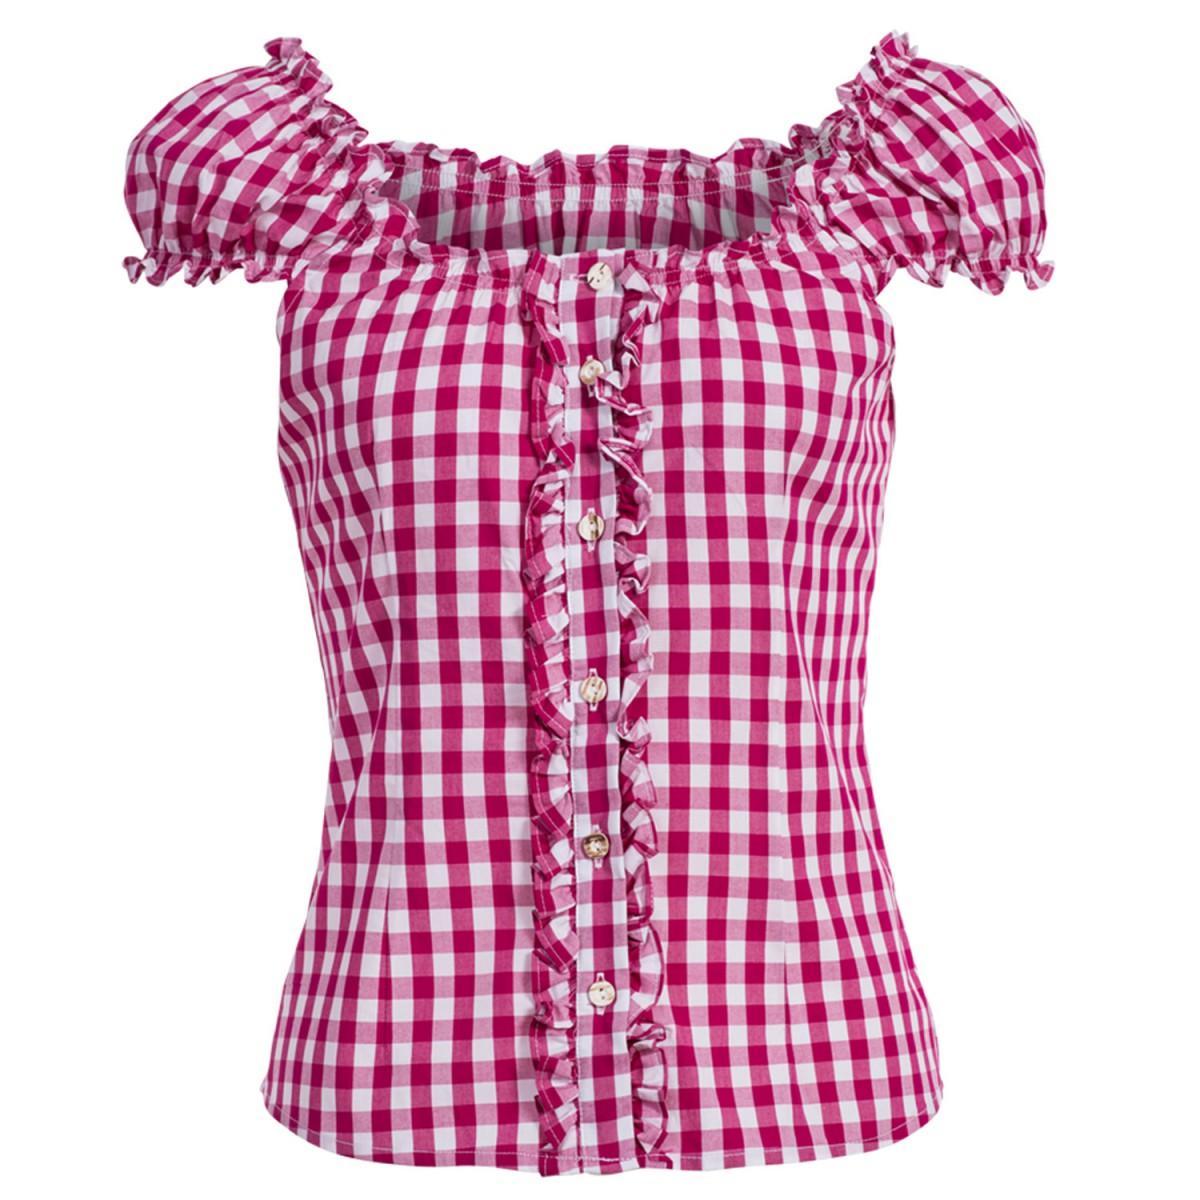 Trachtenbluse Carmen in Pink von Almsach günstig online kaufen